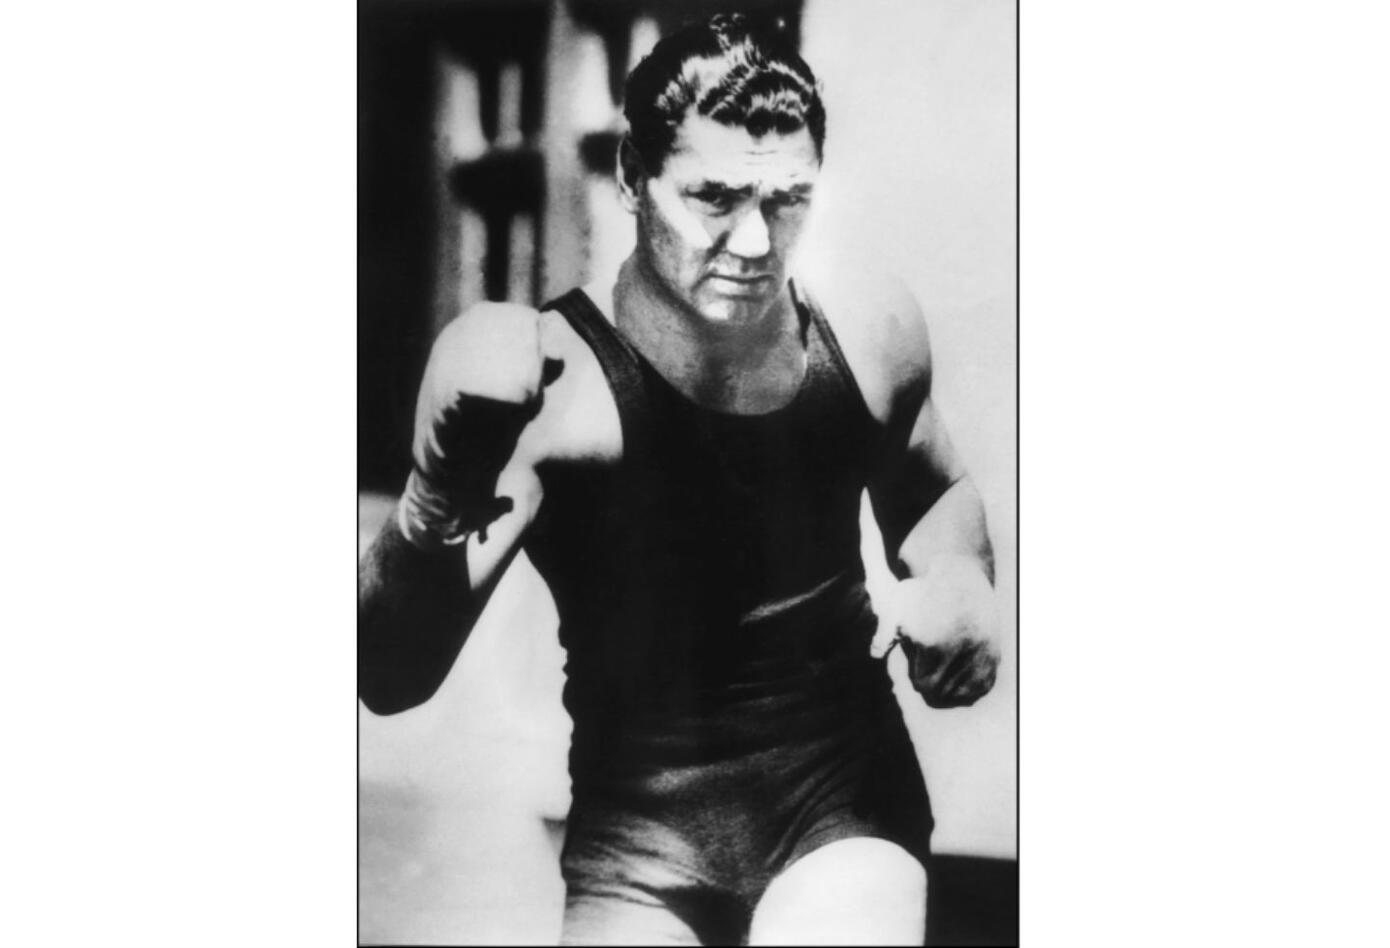 6. Jack Dempsey. Nació el 24 de junio de 1895 en Manassa, Colorado (EE.UU.). Se retiró el 22 de septiembre de 1927. Falleció el 31 de mayo de 1983. Tiene un récord de 54 victorias (44 nocauts), seis derrotas y nueve empates. Realizó cinco defensas.